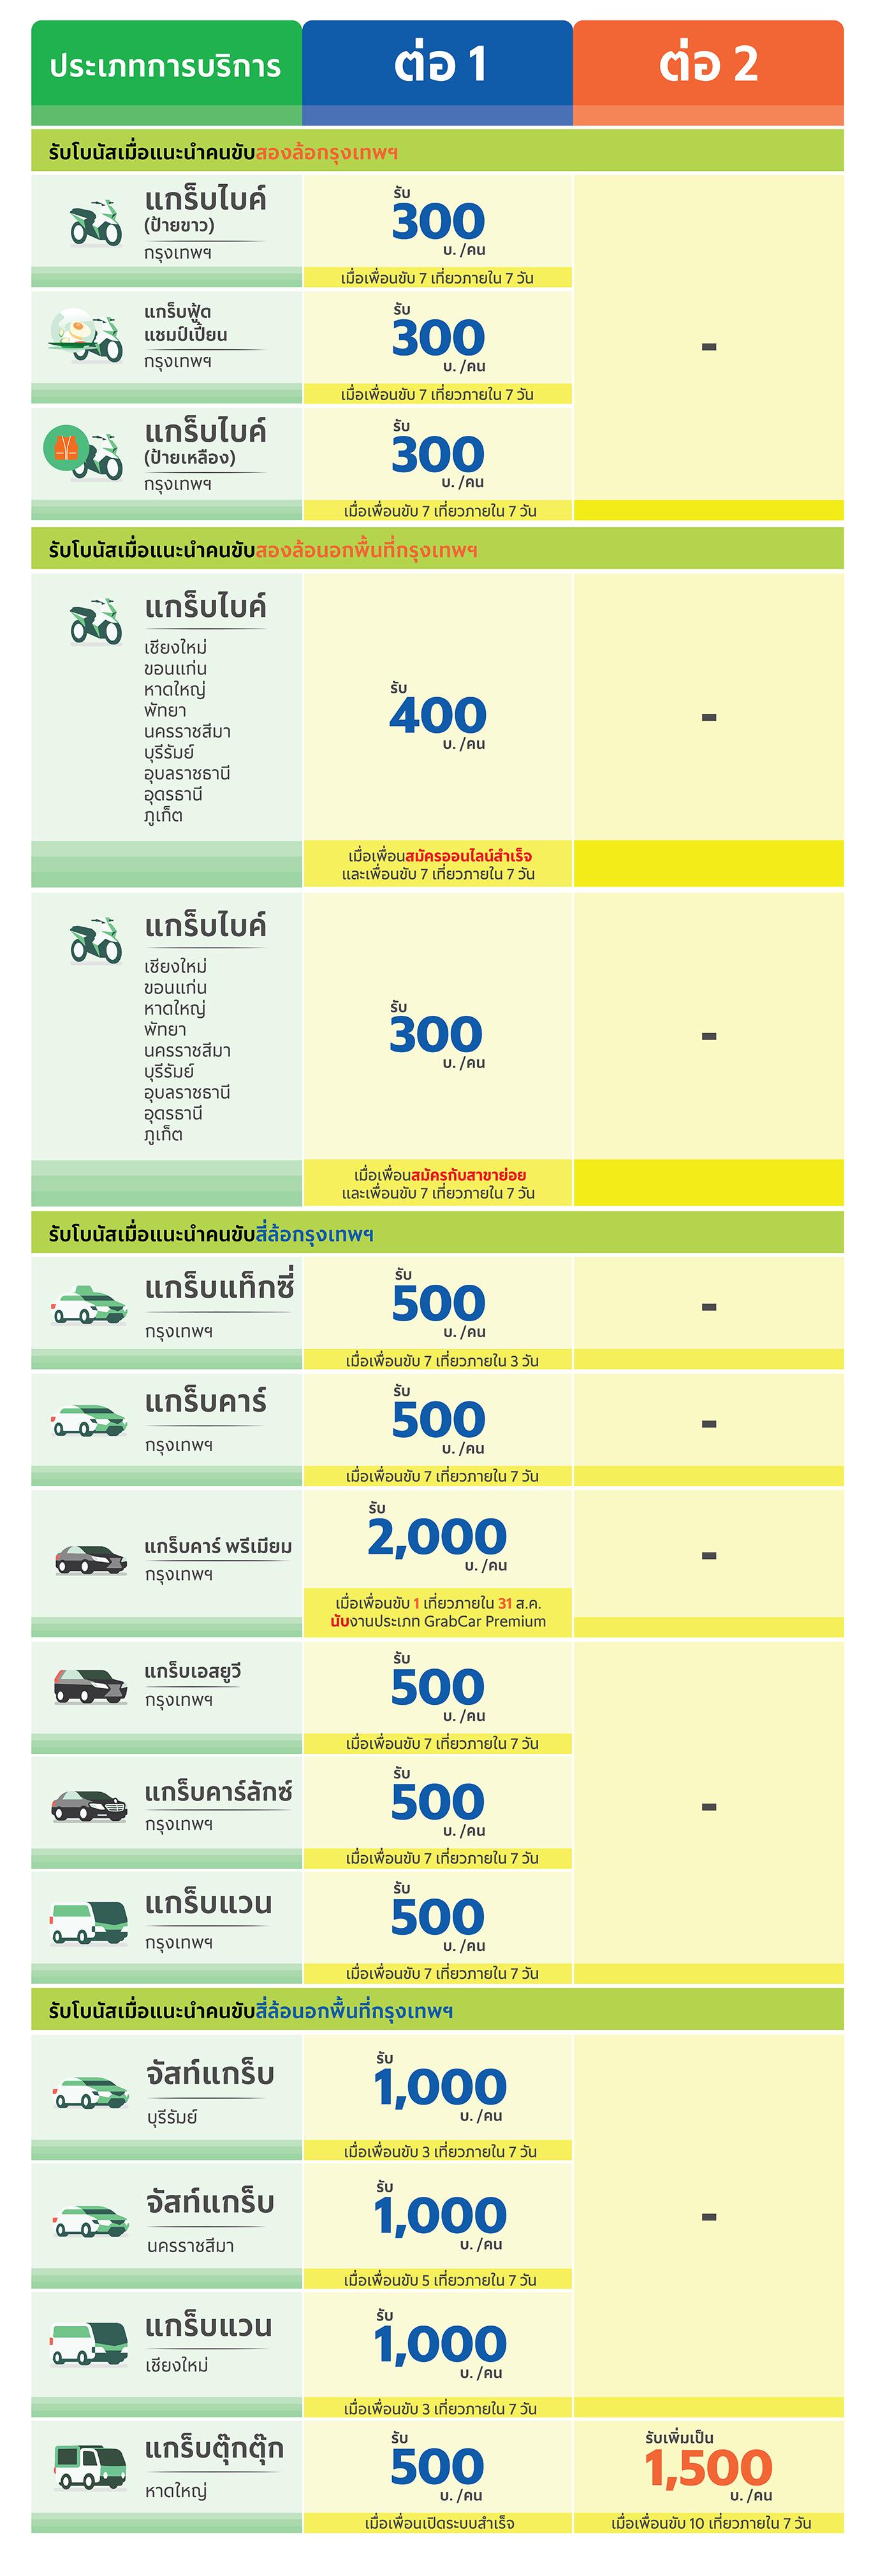 - - แกร็บไบค์ หมายถึง การให้บริการ แกร็บไบค์ แกร็บเอ็กซ์เพรส (ไบค์) และแกร็บฟู้ด- ตั้งแต่วันที่ 8 ส.ค. 62 เป็นต้นไป มีการเปลี่ยนแปลงโปรโมชันแนะนำคนขับของ GrabCar Premium โดยพาร์ทเนอร์ที่แนะนำผู้สมัครขับแกร็บตั้งแต่วันที่ 1-7 ส.ค. 62 จะได้รับโปรโมชันใหม่และจะได้รับโบนัสค่าแนะนำส่วนต่างภายใน 16 ส.ค. 62